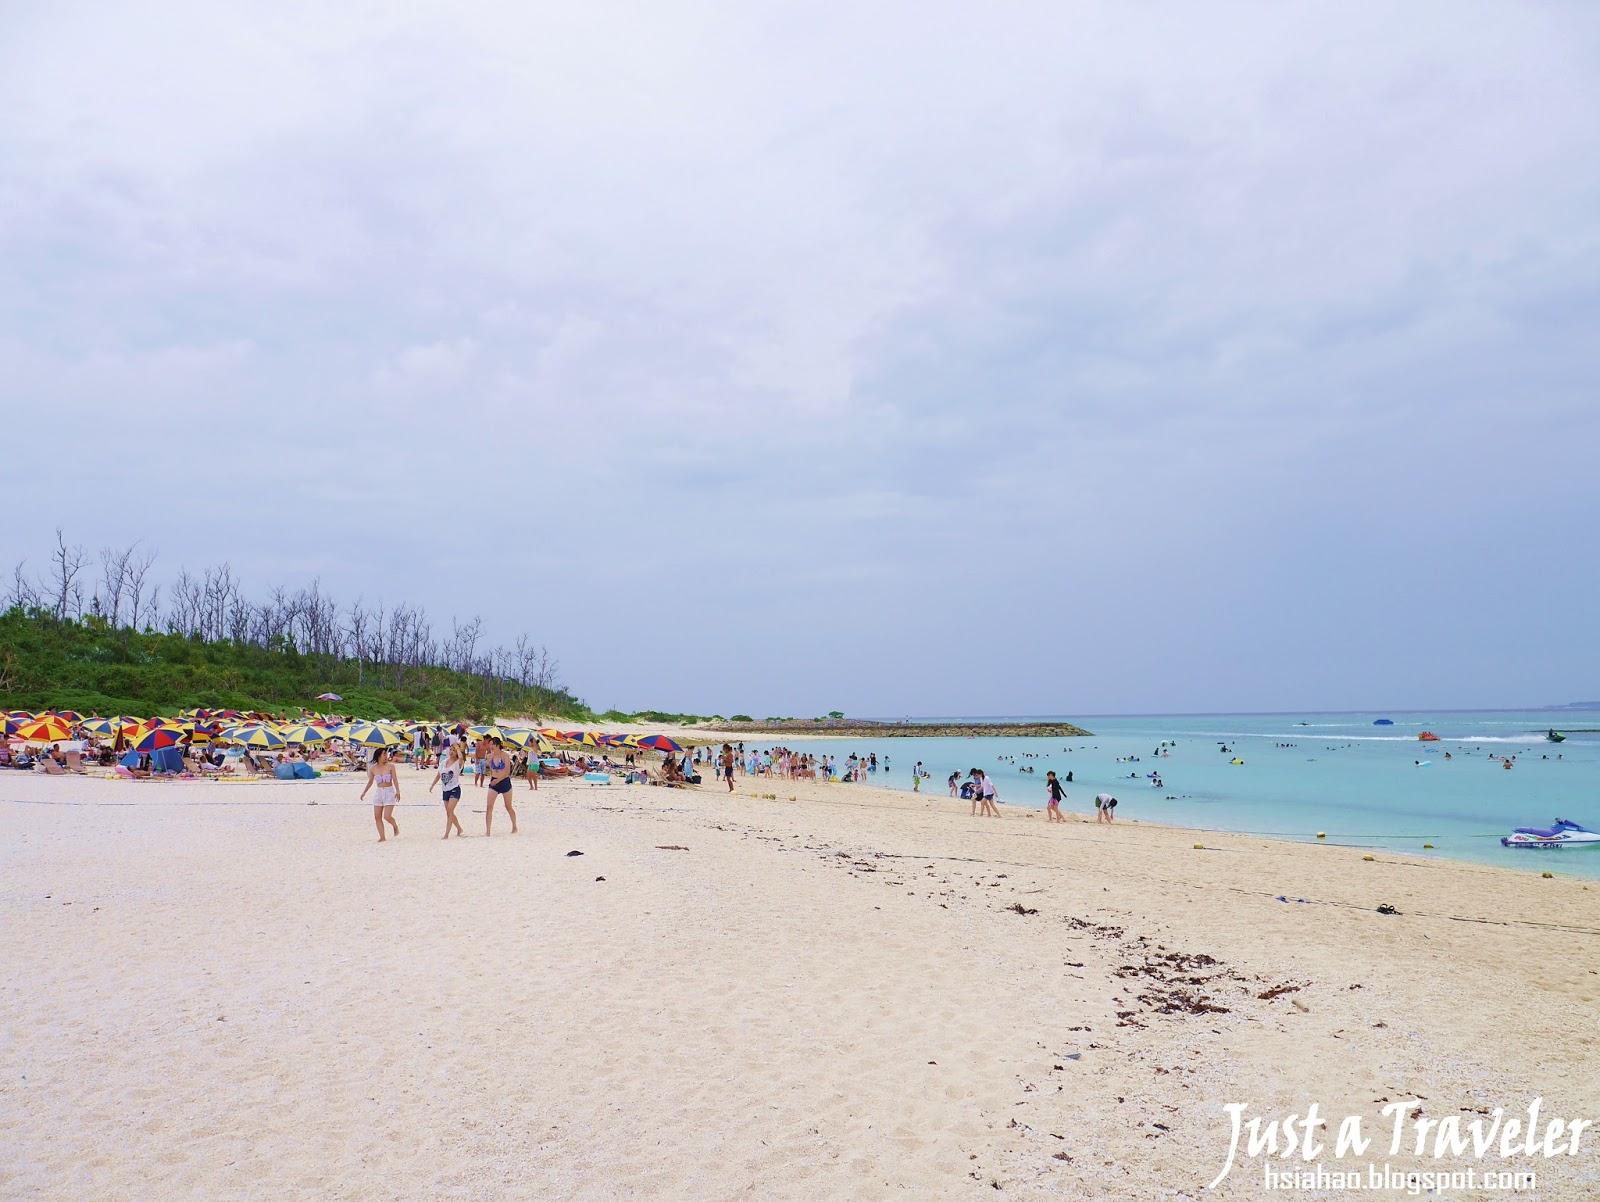 沖繩-海灘-推薦-水納海灘-Minna Beach-水納ビーチ-Okinawa-beach-recommendation